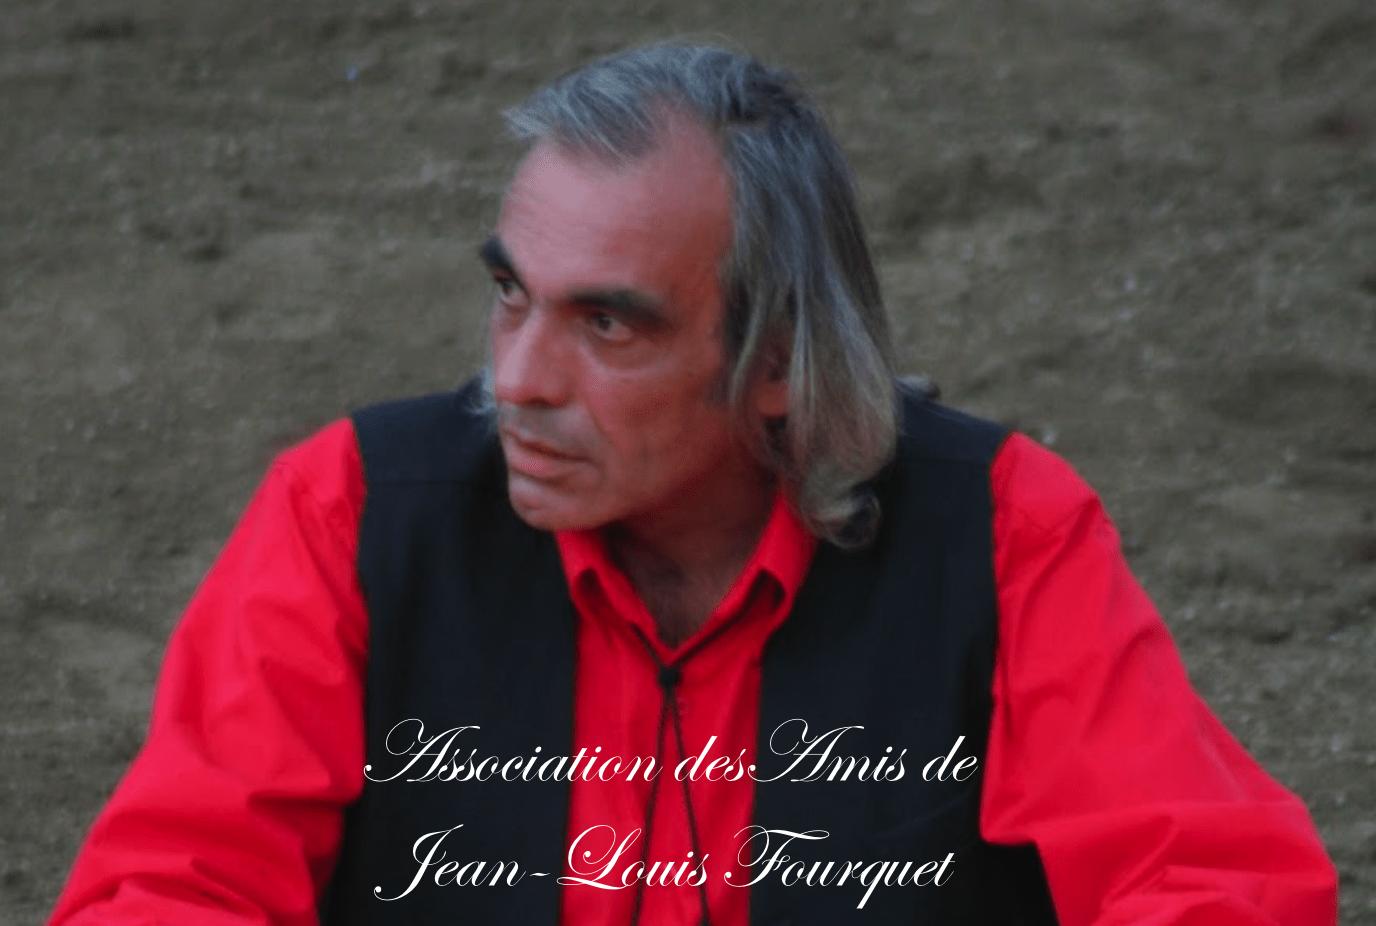 Le palmarès 2019 de l'Association des Amis de Jean-Louis Fourquet.